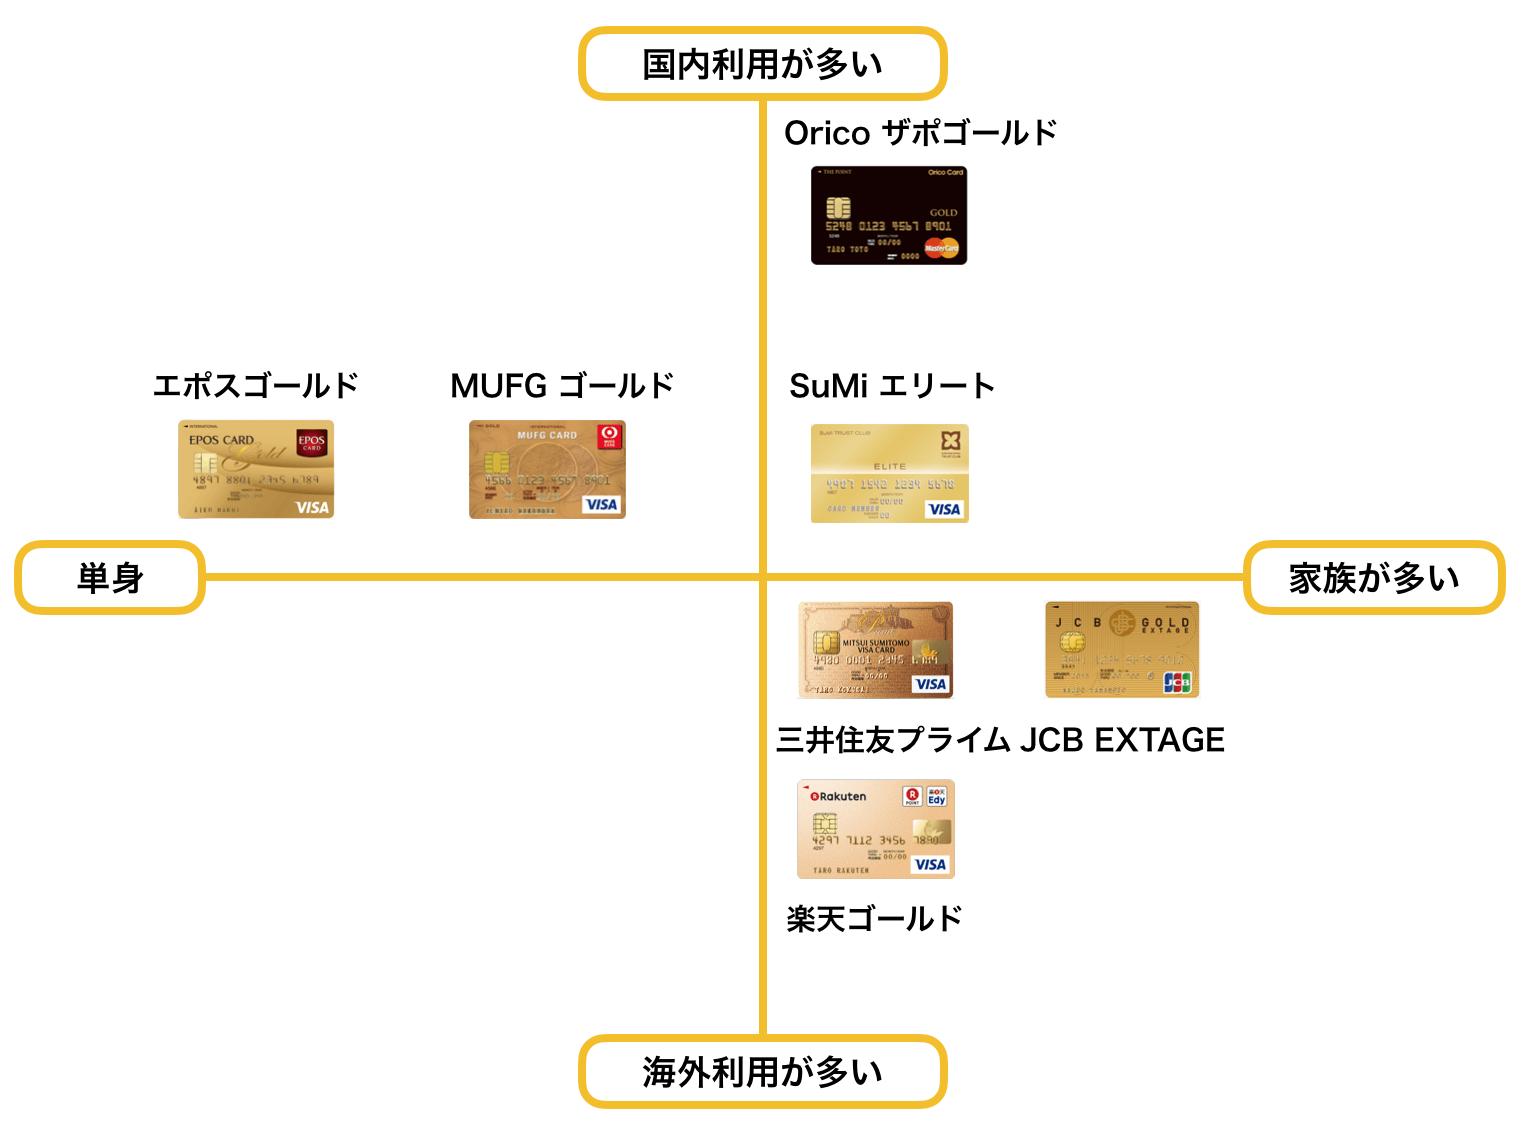 ゴールドカード おすすめ 20代 ポジショニングマップ4